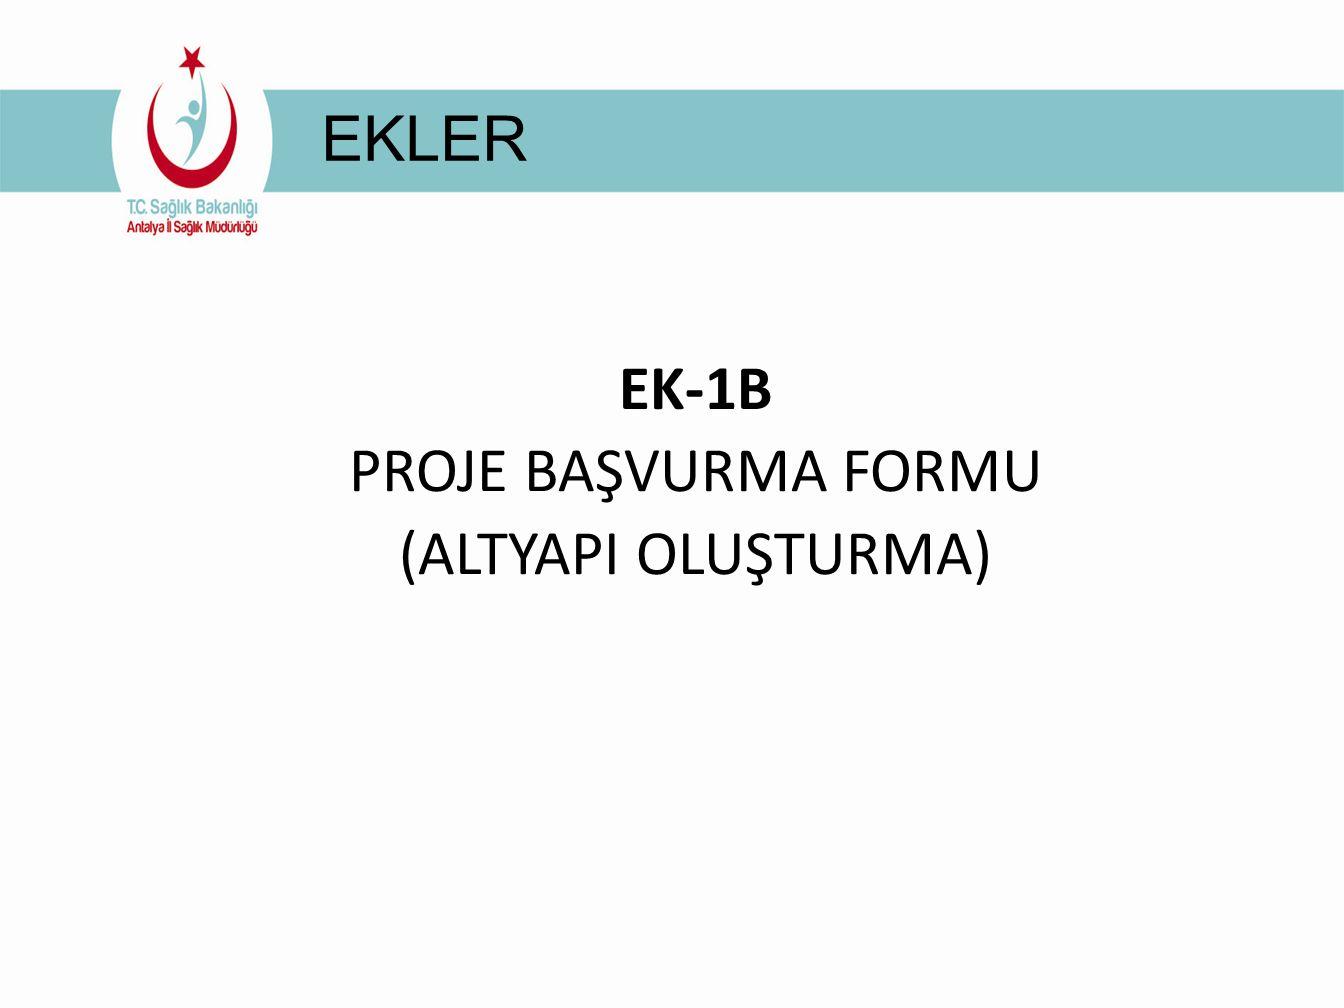 EKLER EK-1B PROJE BAŞVURMA FORMU (ALTYAPI OLUŞTURMA)